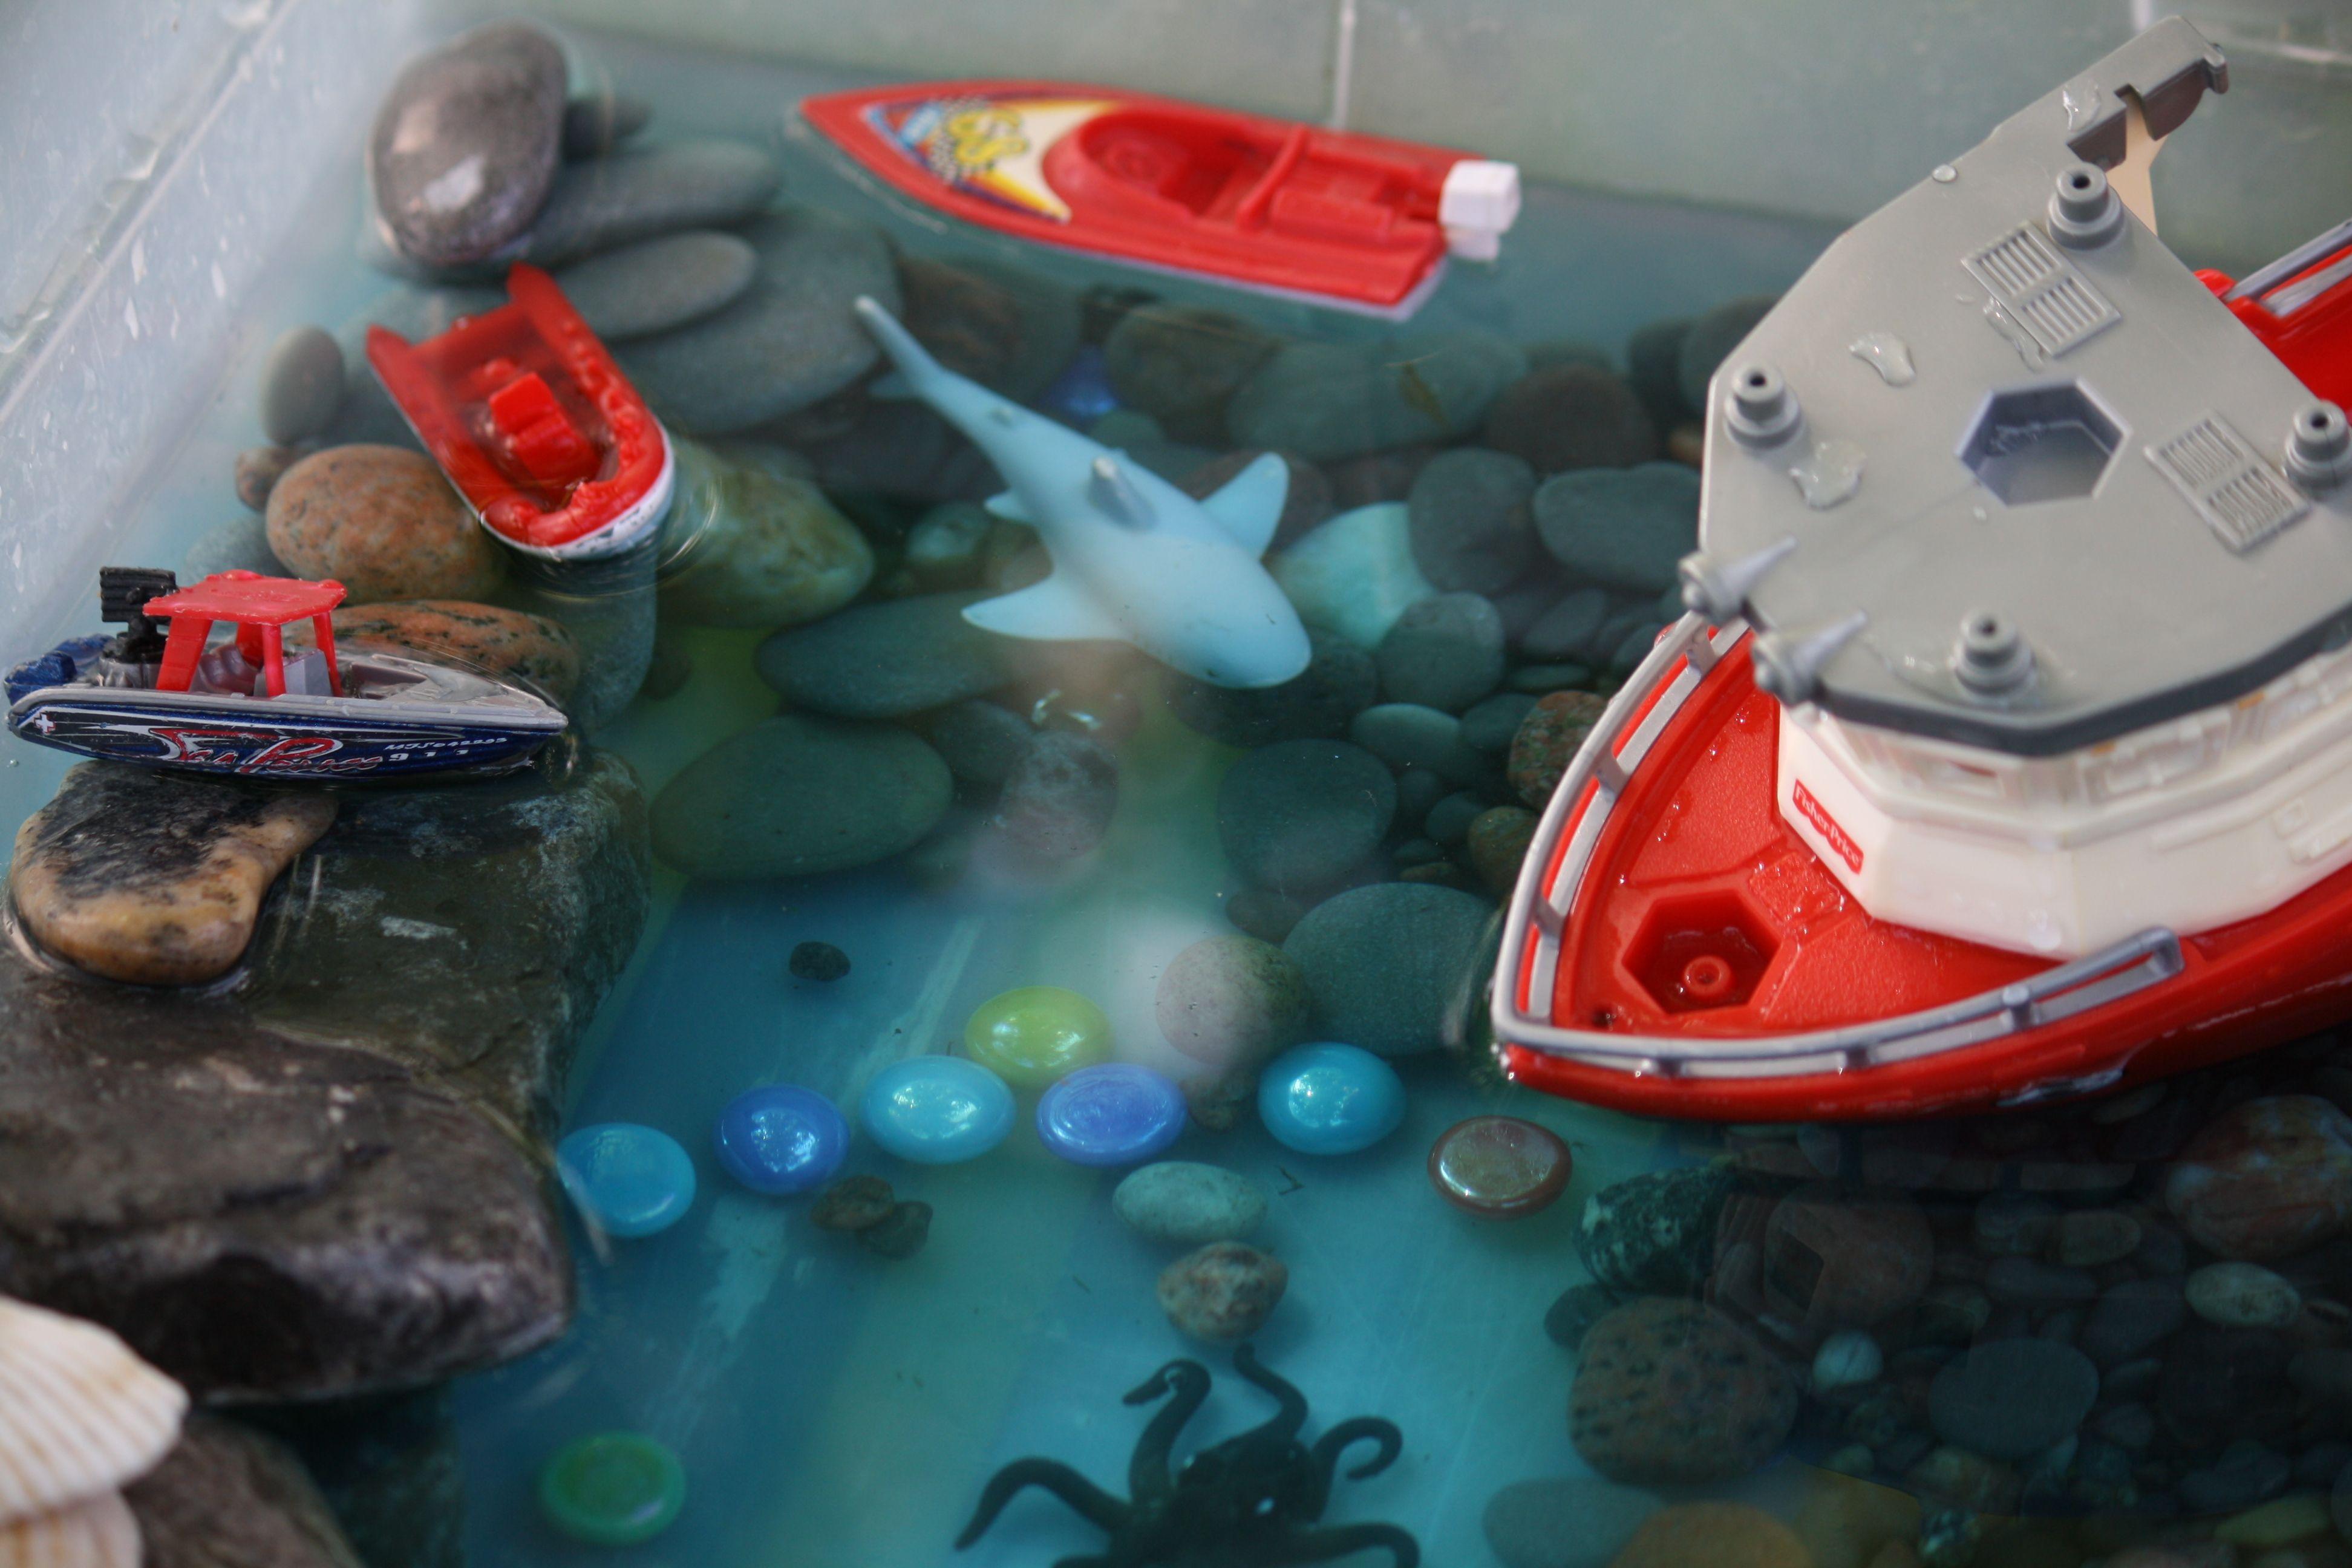 Water play sensory bins | happy hooligans Loooove this idea